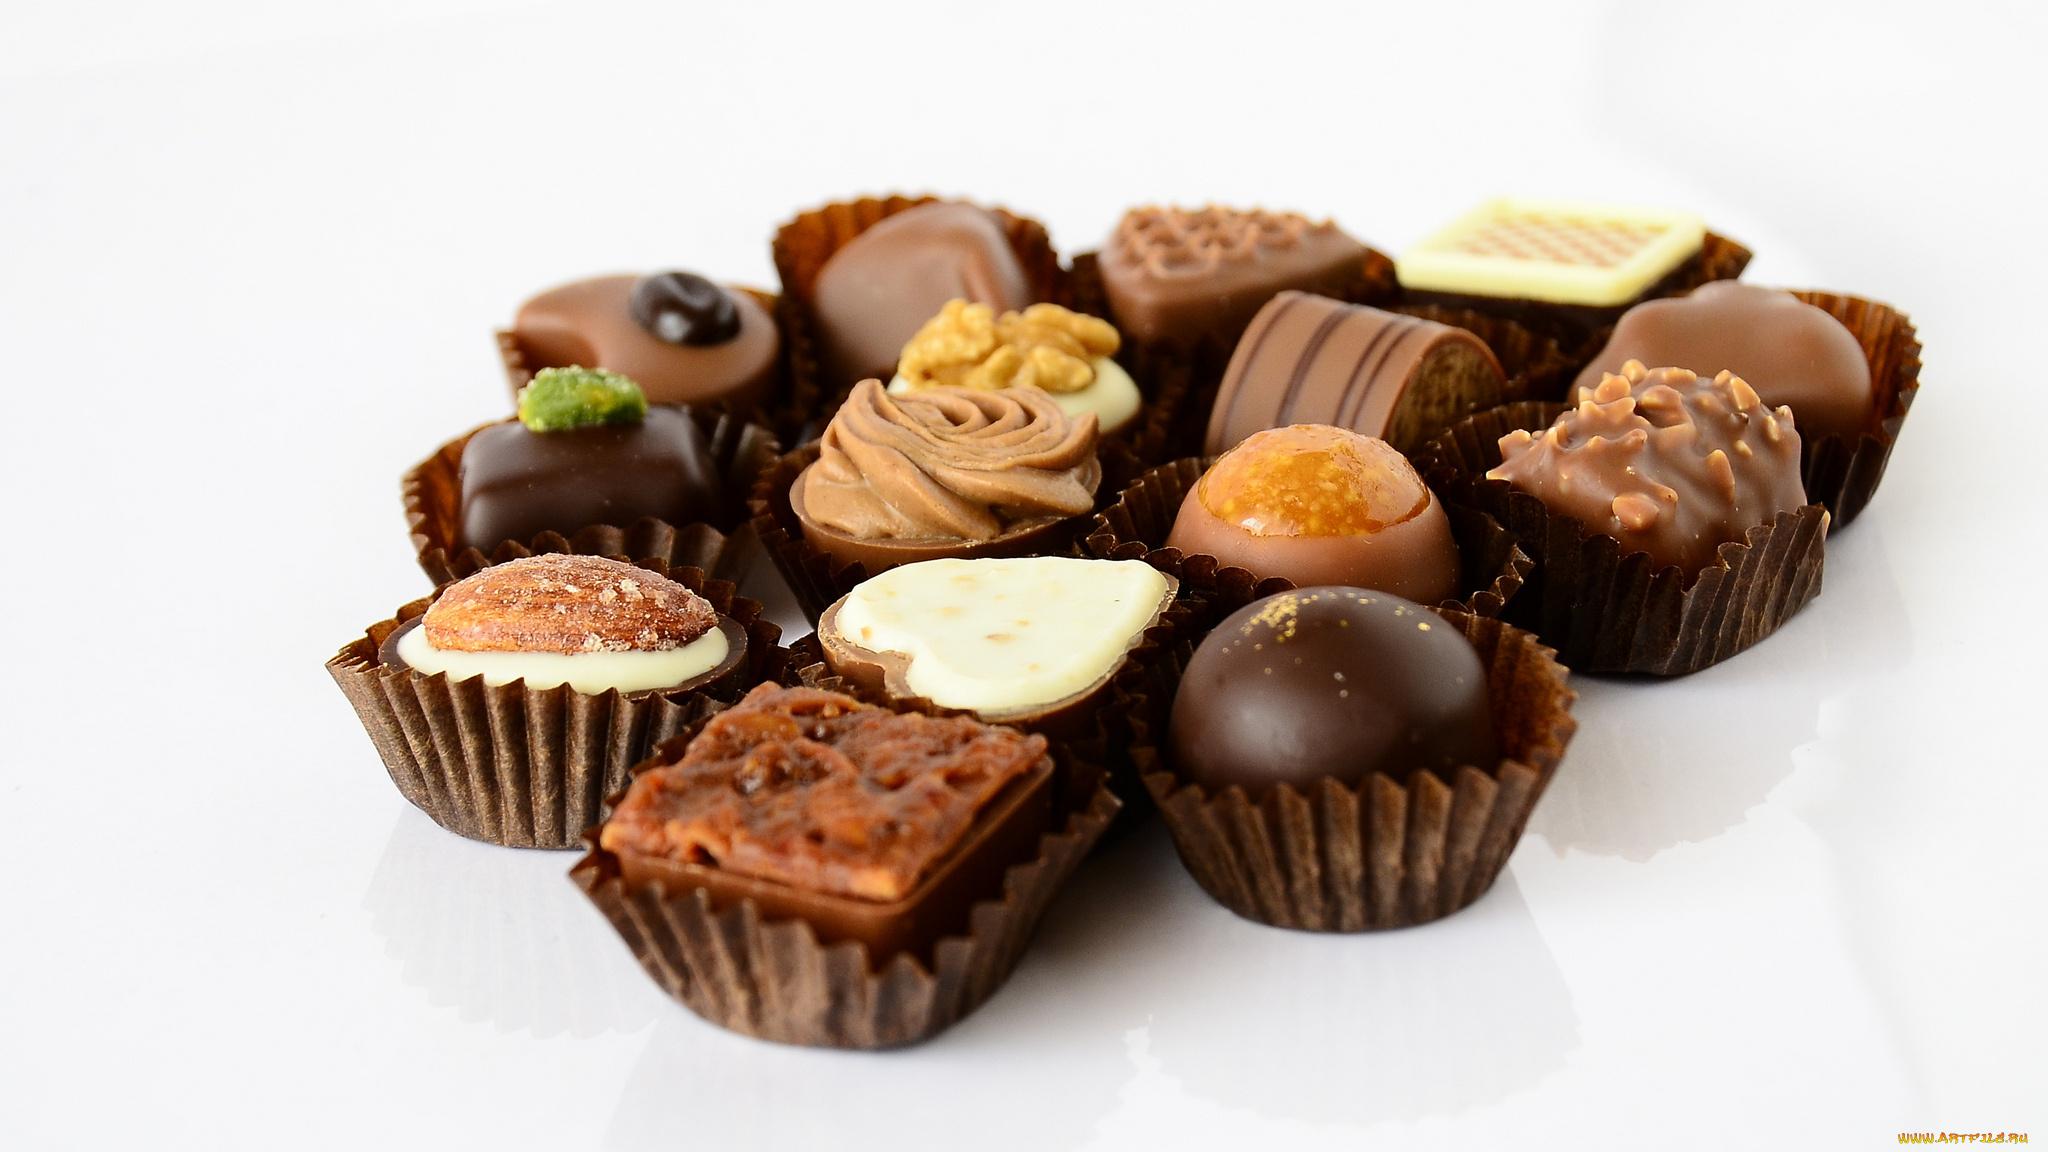 Tiêu thụ đồ ngọt ở Nga đạt kỷ lục